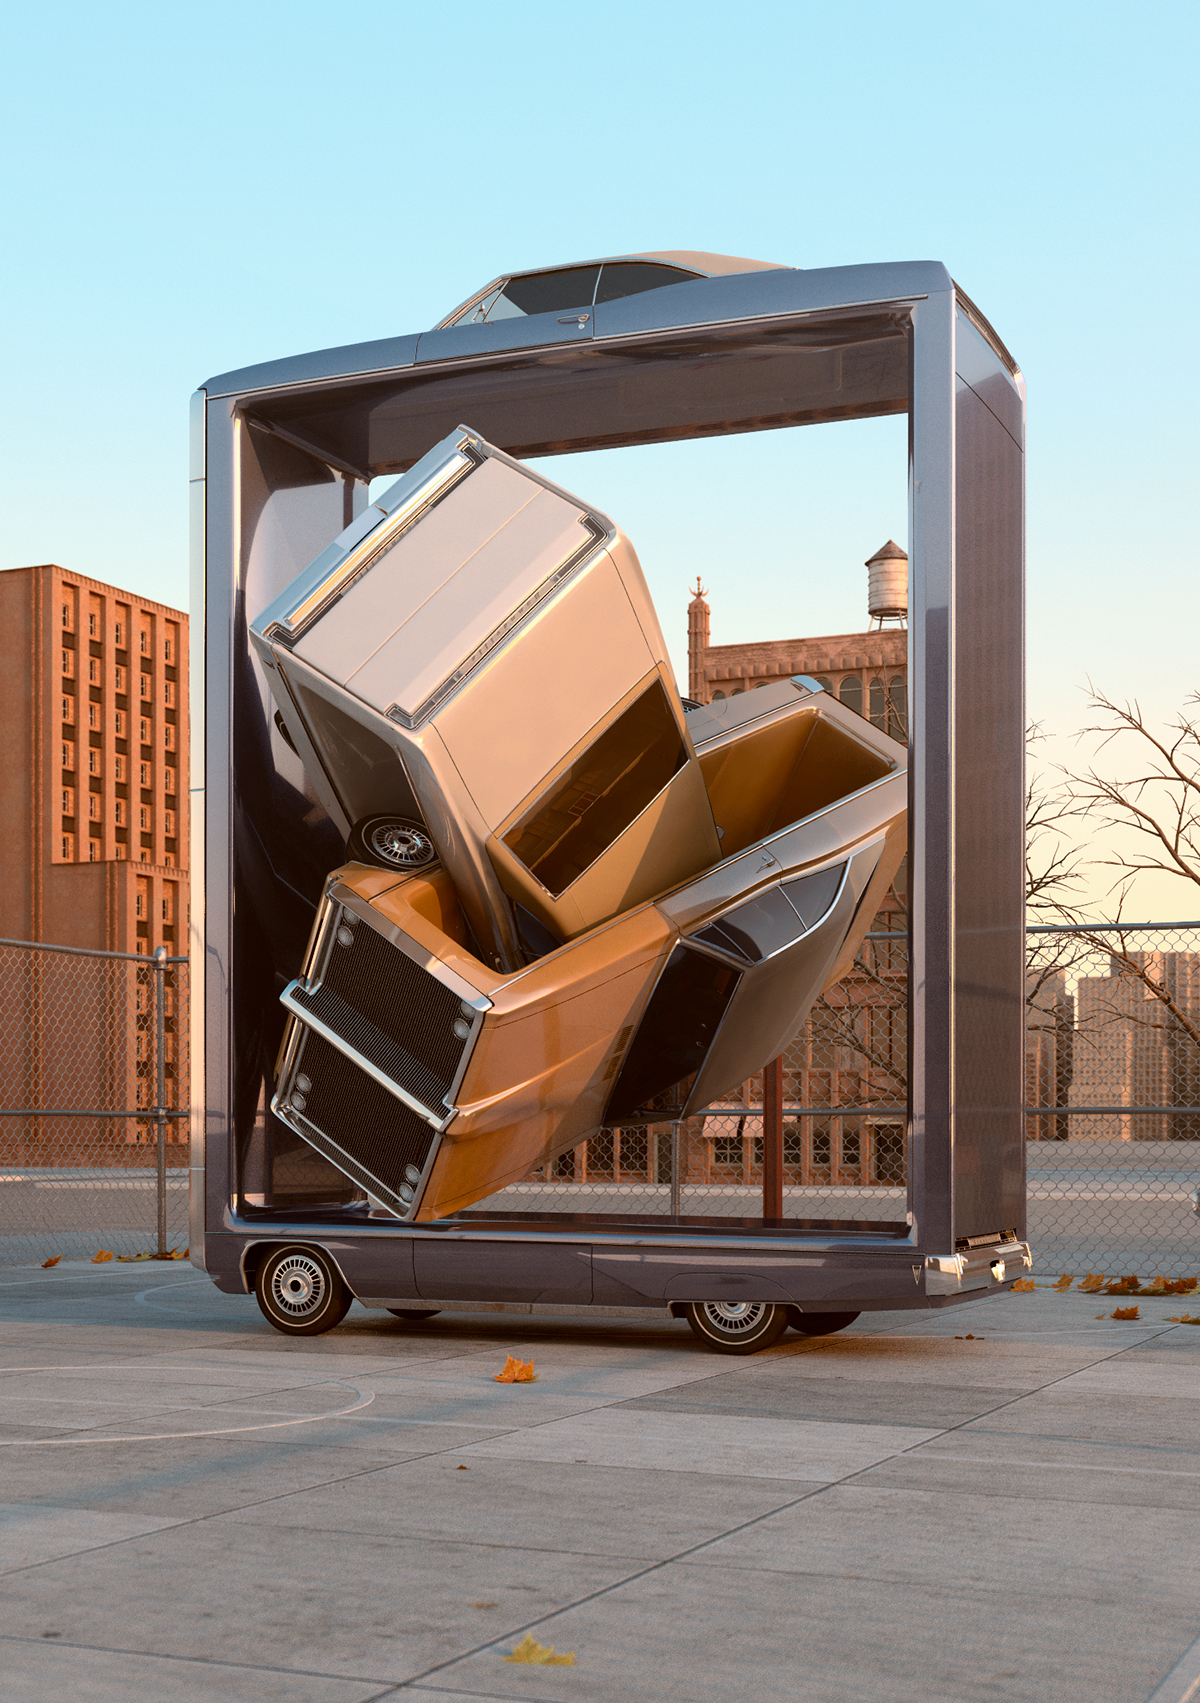 70's Retro Cars New York winter surreal automotive sculpture Aerobics 3D CGI